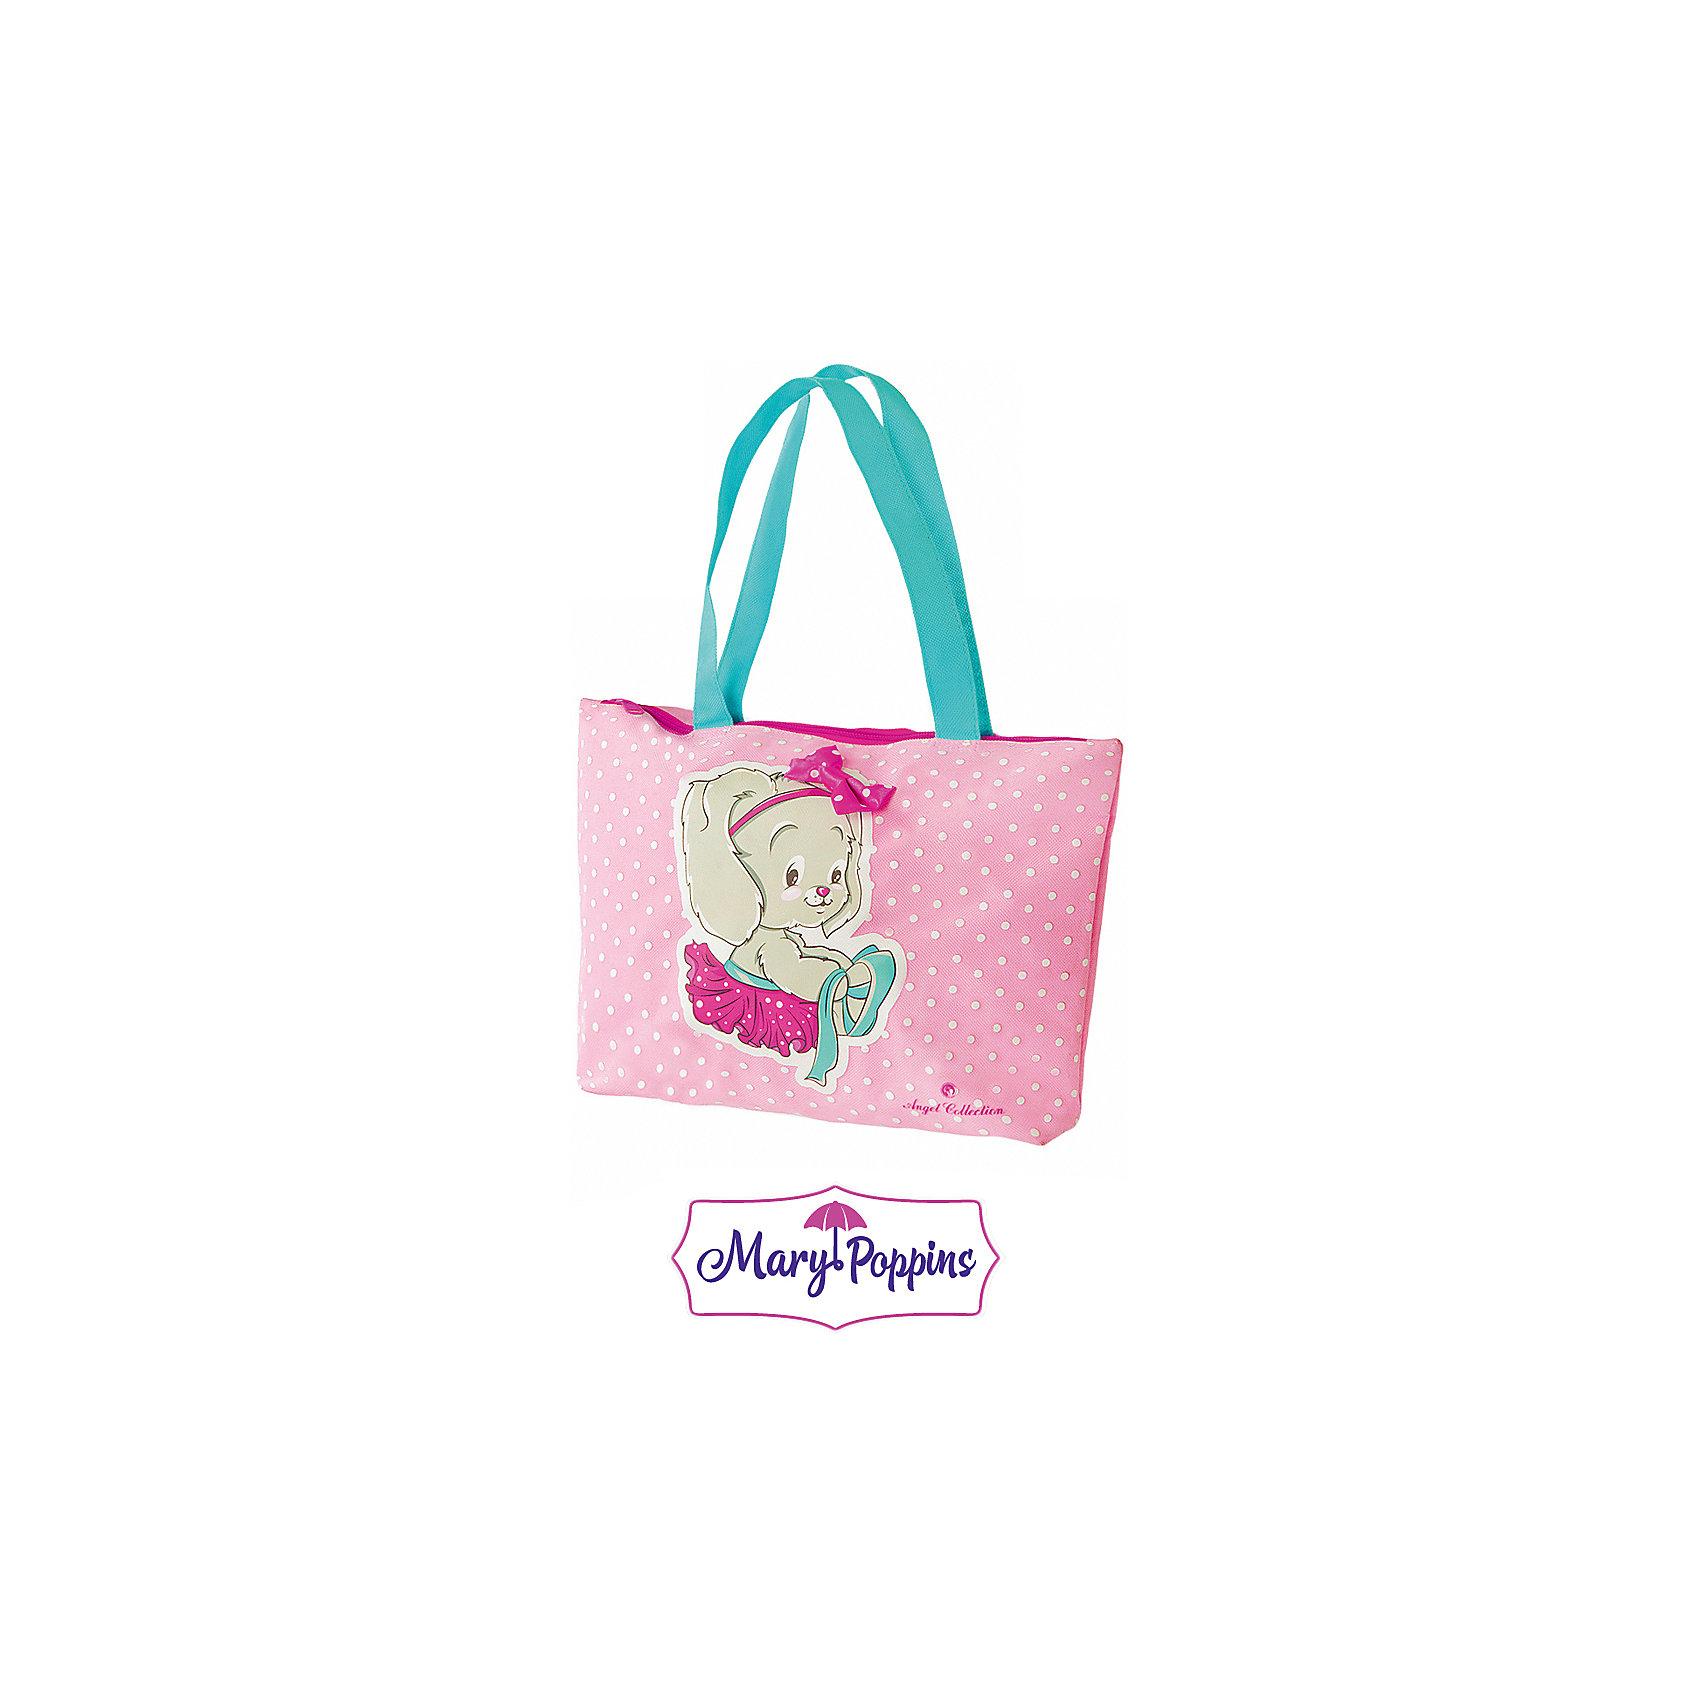 Сумка Зайка 33*8*23 см.Зайка от компании Mary Poppins - это симпатичная детская сумка, которая представлена в розовой расцветке. Данная модель очень удобна, так как у нее всего одно основное отделение, куда девочка сможет складывать все необходимые вещи или предметы. Несмотря на довольно малый внешний вид, представленная сумка достаточно вместительная.<br><br>Ширина мм: 330<br>Глубина мм: 230<br>Высота мм: 800<br>Вес г: 78<br>Возраст от месяцев: 288<br>Возраст до месяцев: 2147483647<br>Пол: Женский<br>Возраст: Детский<br>SKU: 5508550